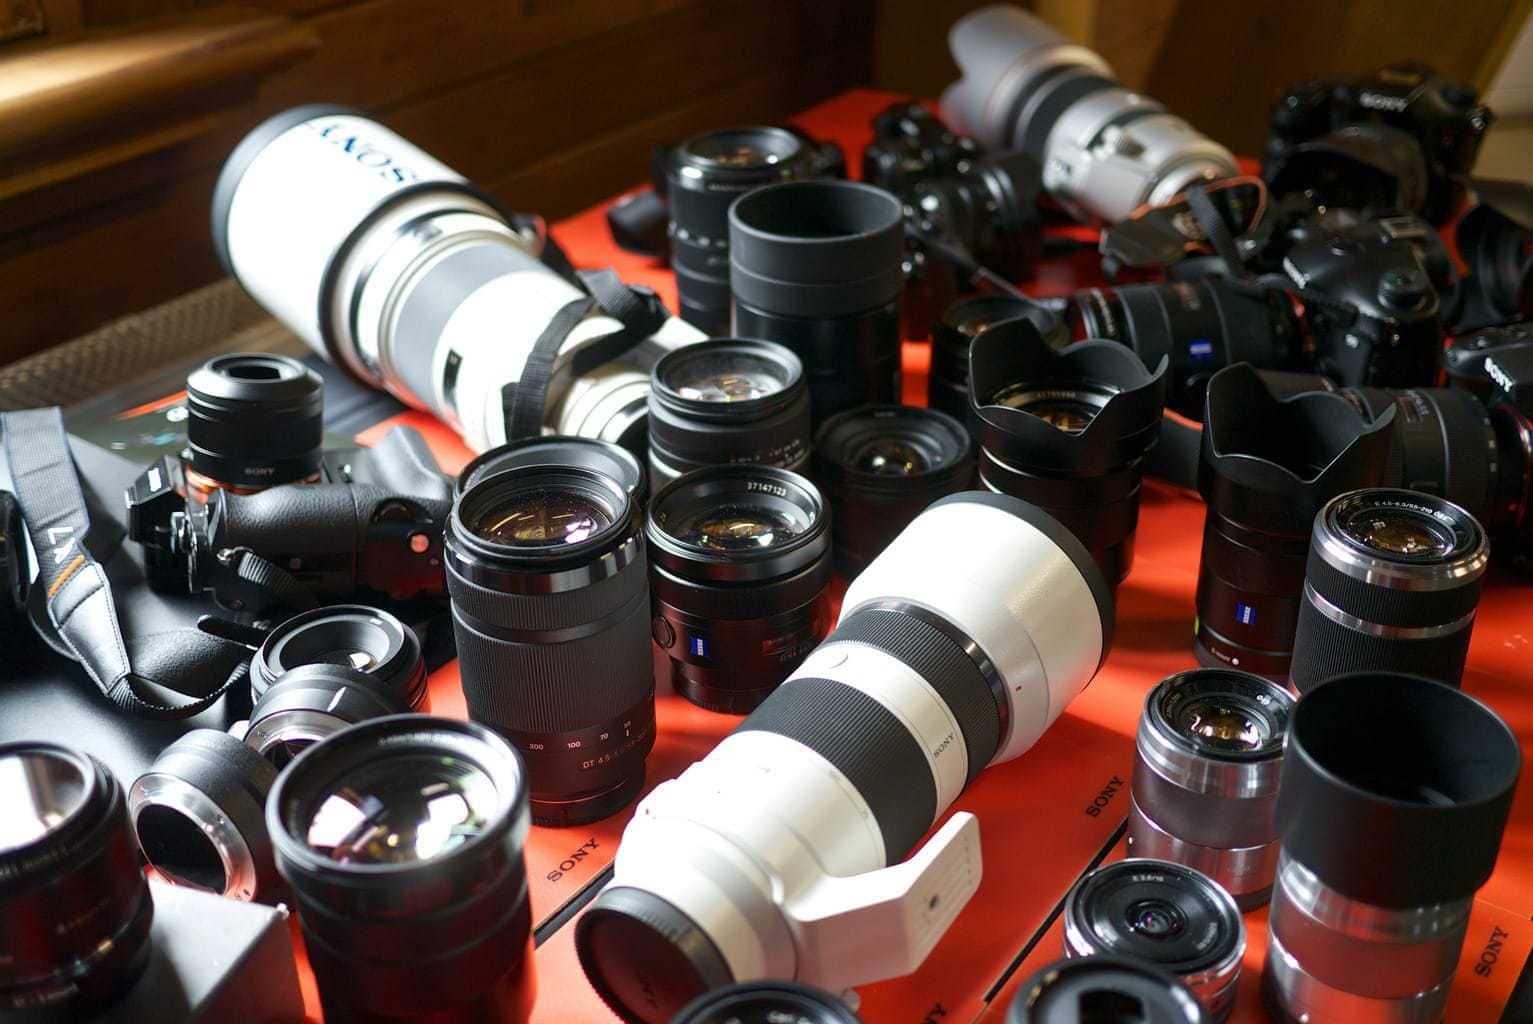 0462165e14 Fotografías cortesía de Kārlis Dambrāns, Ted Eytan, Dan-Scape.co.uk,  little*harry, Dan-Scape.co.uk, Simon Carrasco, peaceful-jp-scenery, Simon  Carrasco, ...